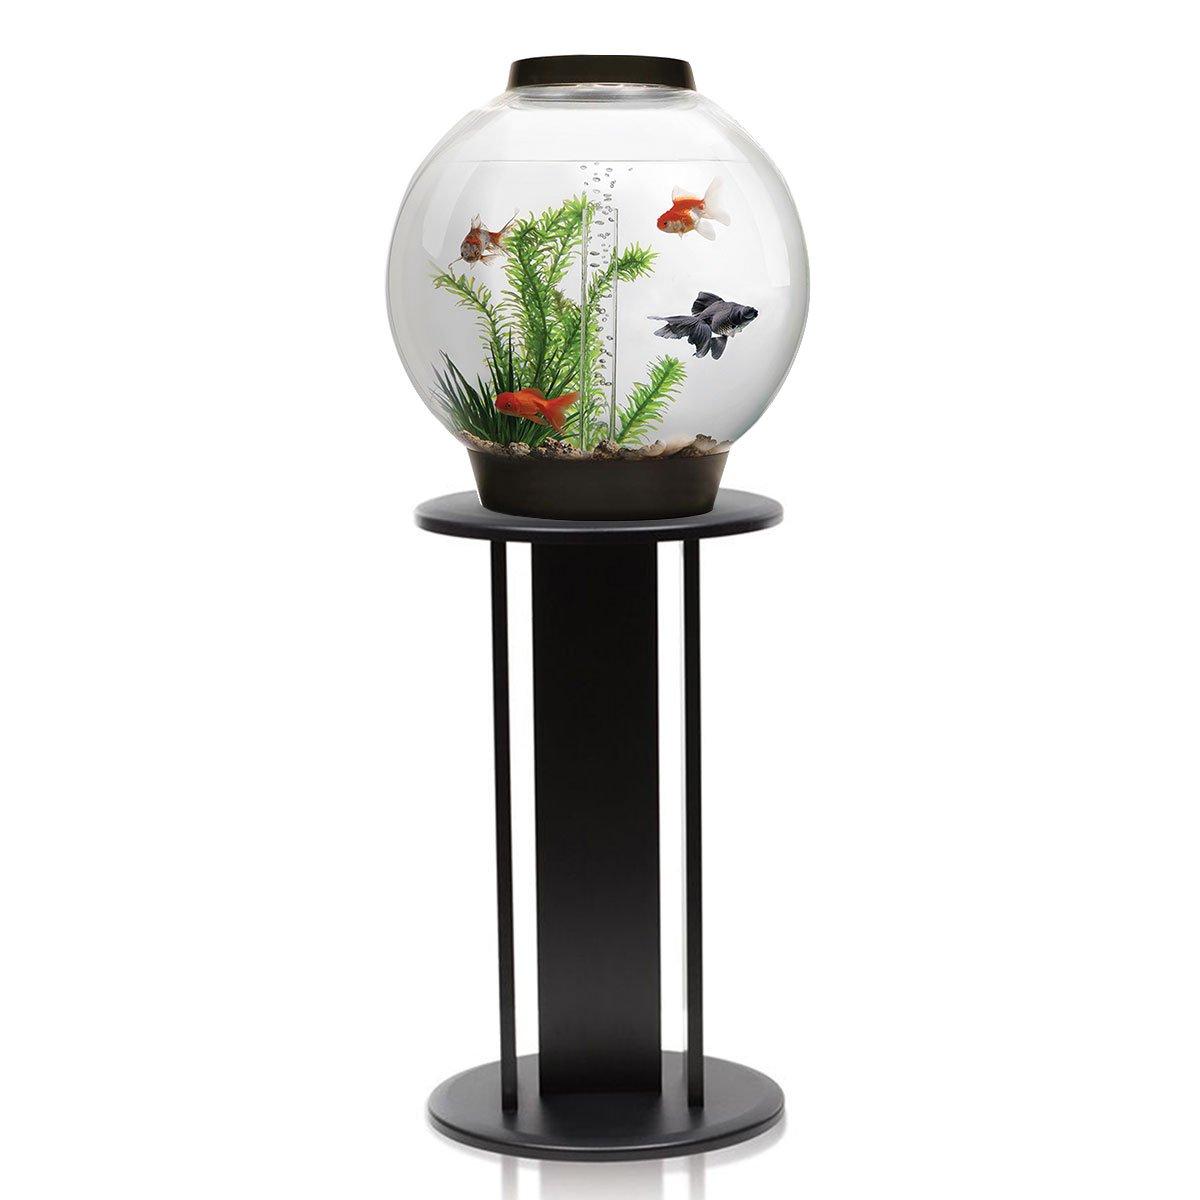 BiOrb Classic 30L Aquarium in Black with MCR LED Lighting & Black Stand